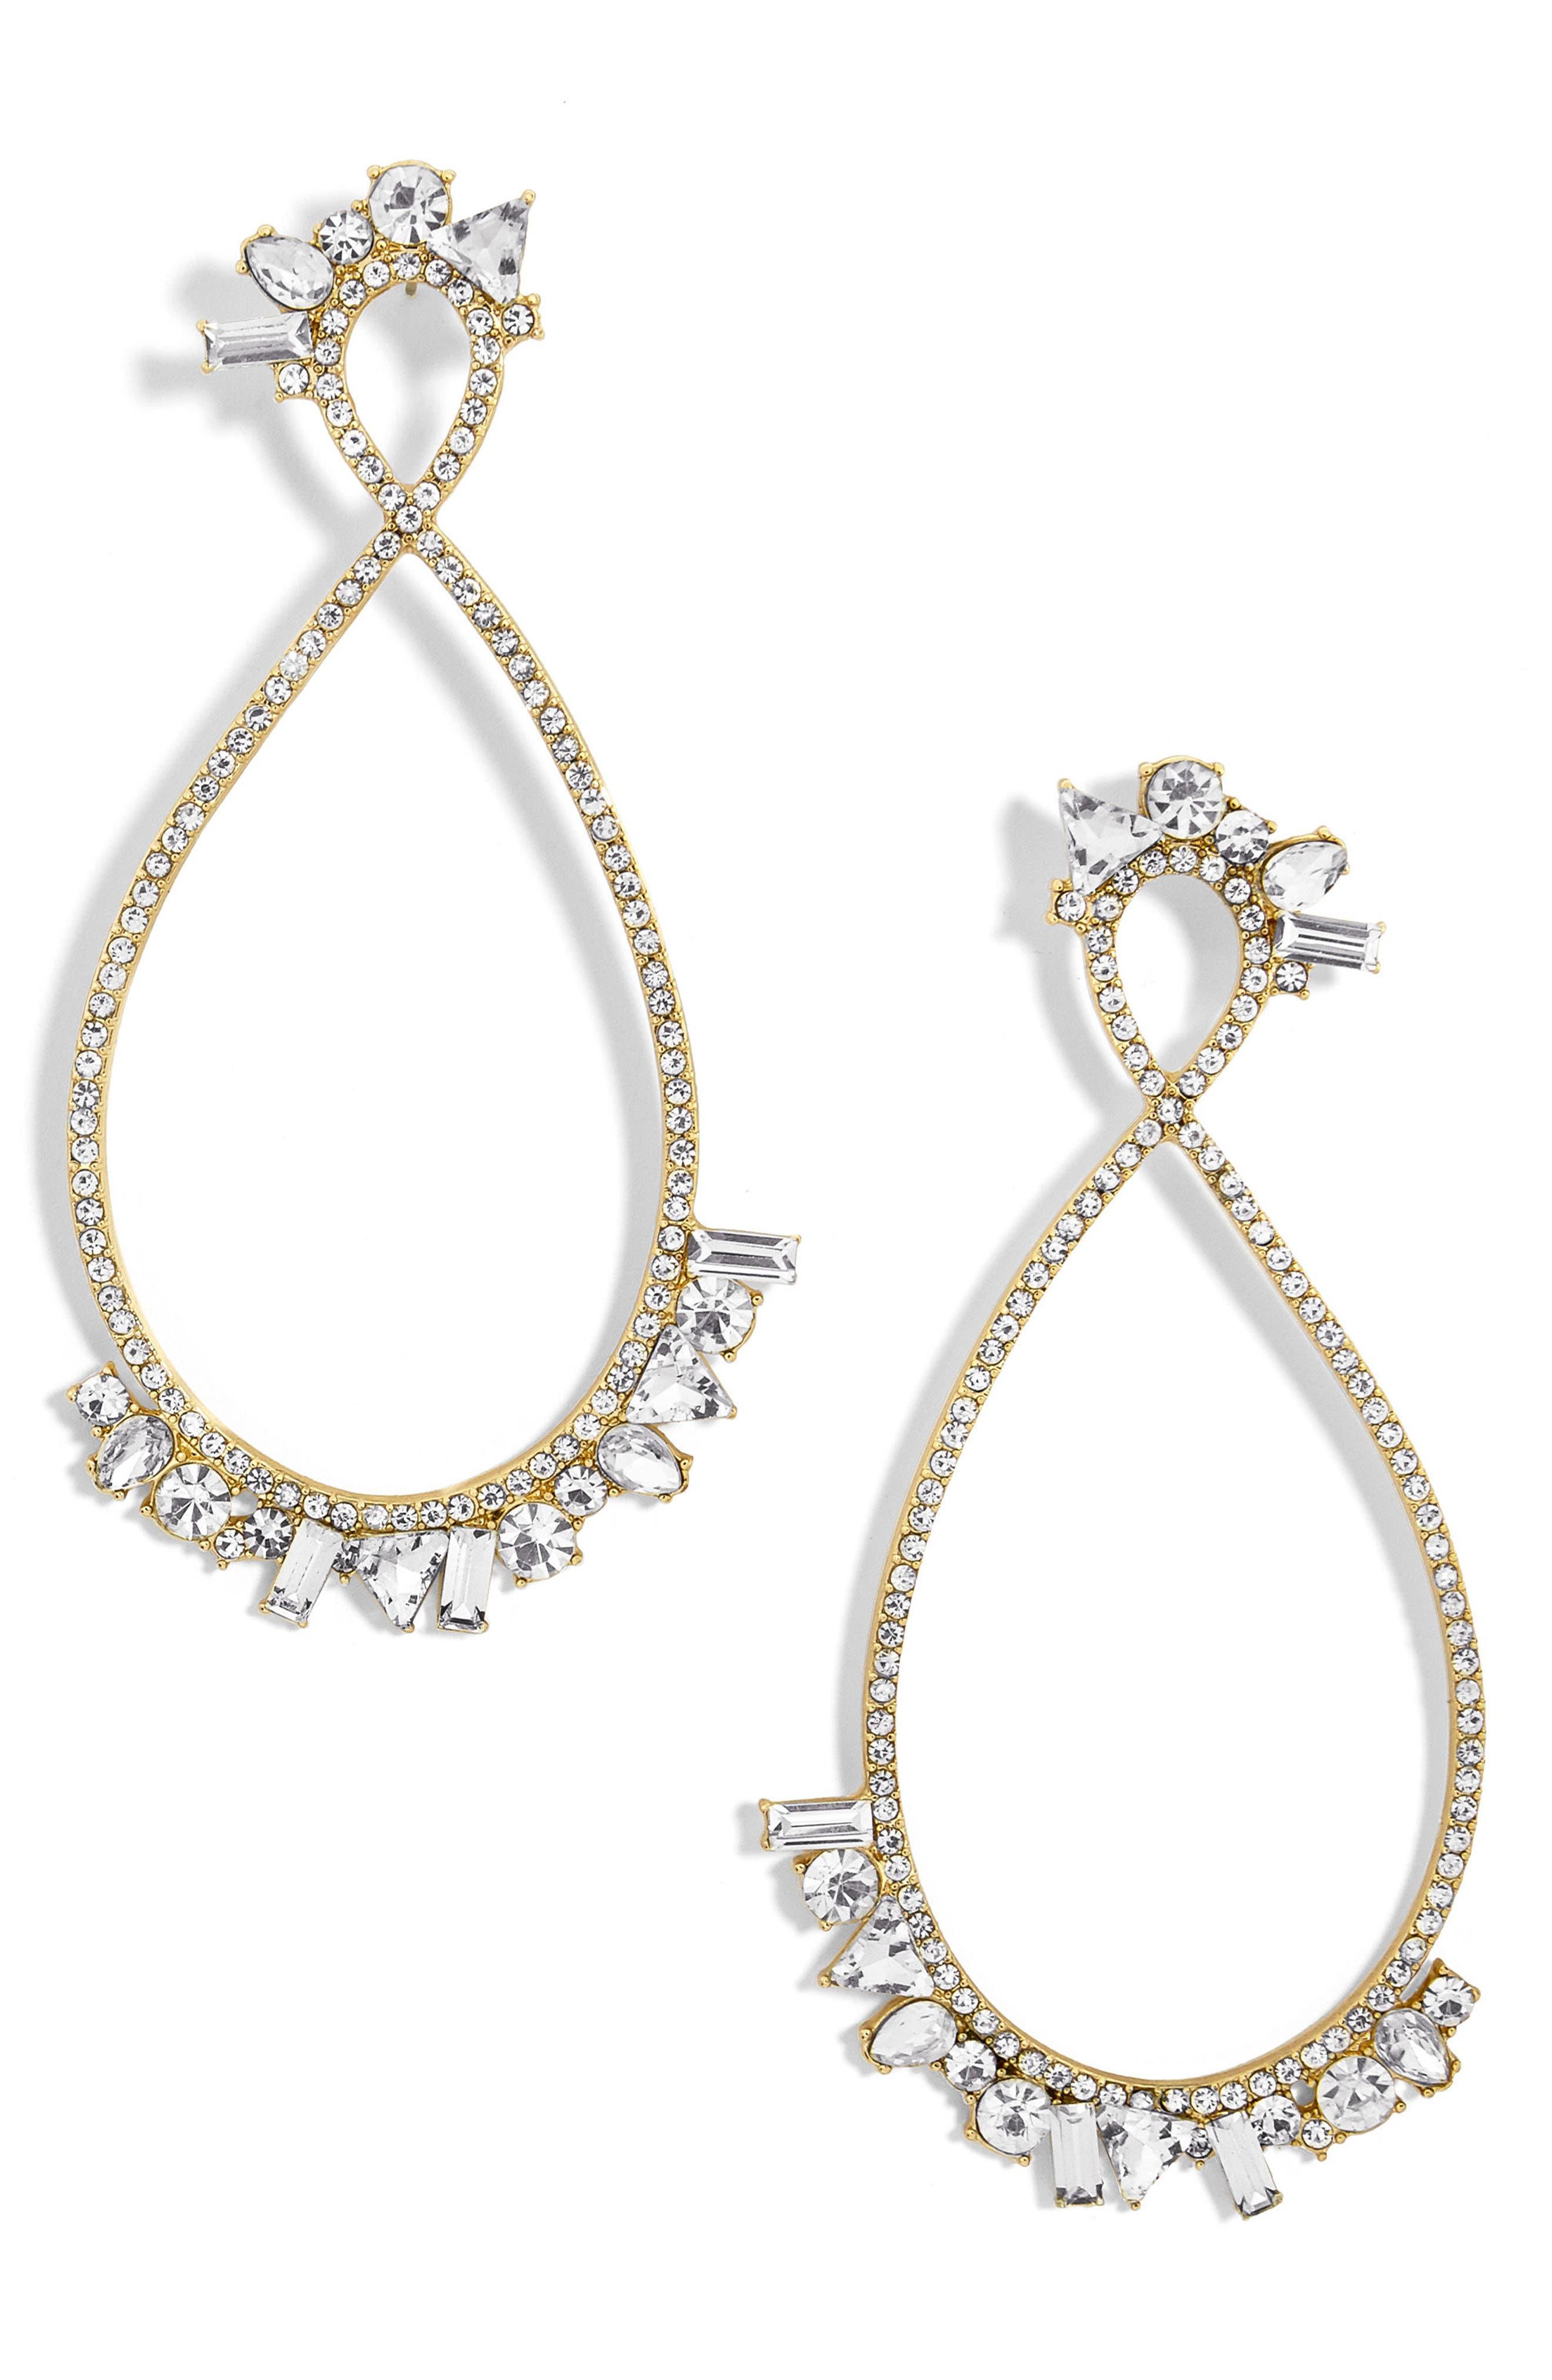 Main Image - BaubleBar Anastasia Hoop Earrings